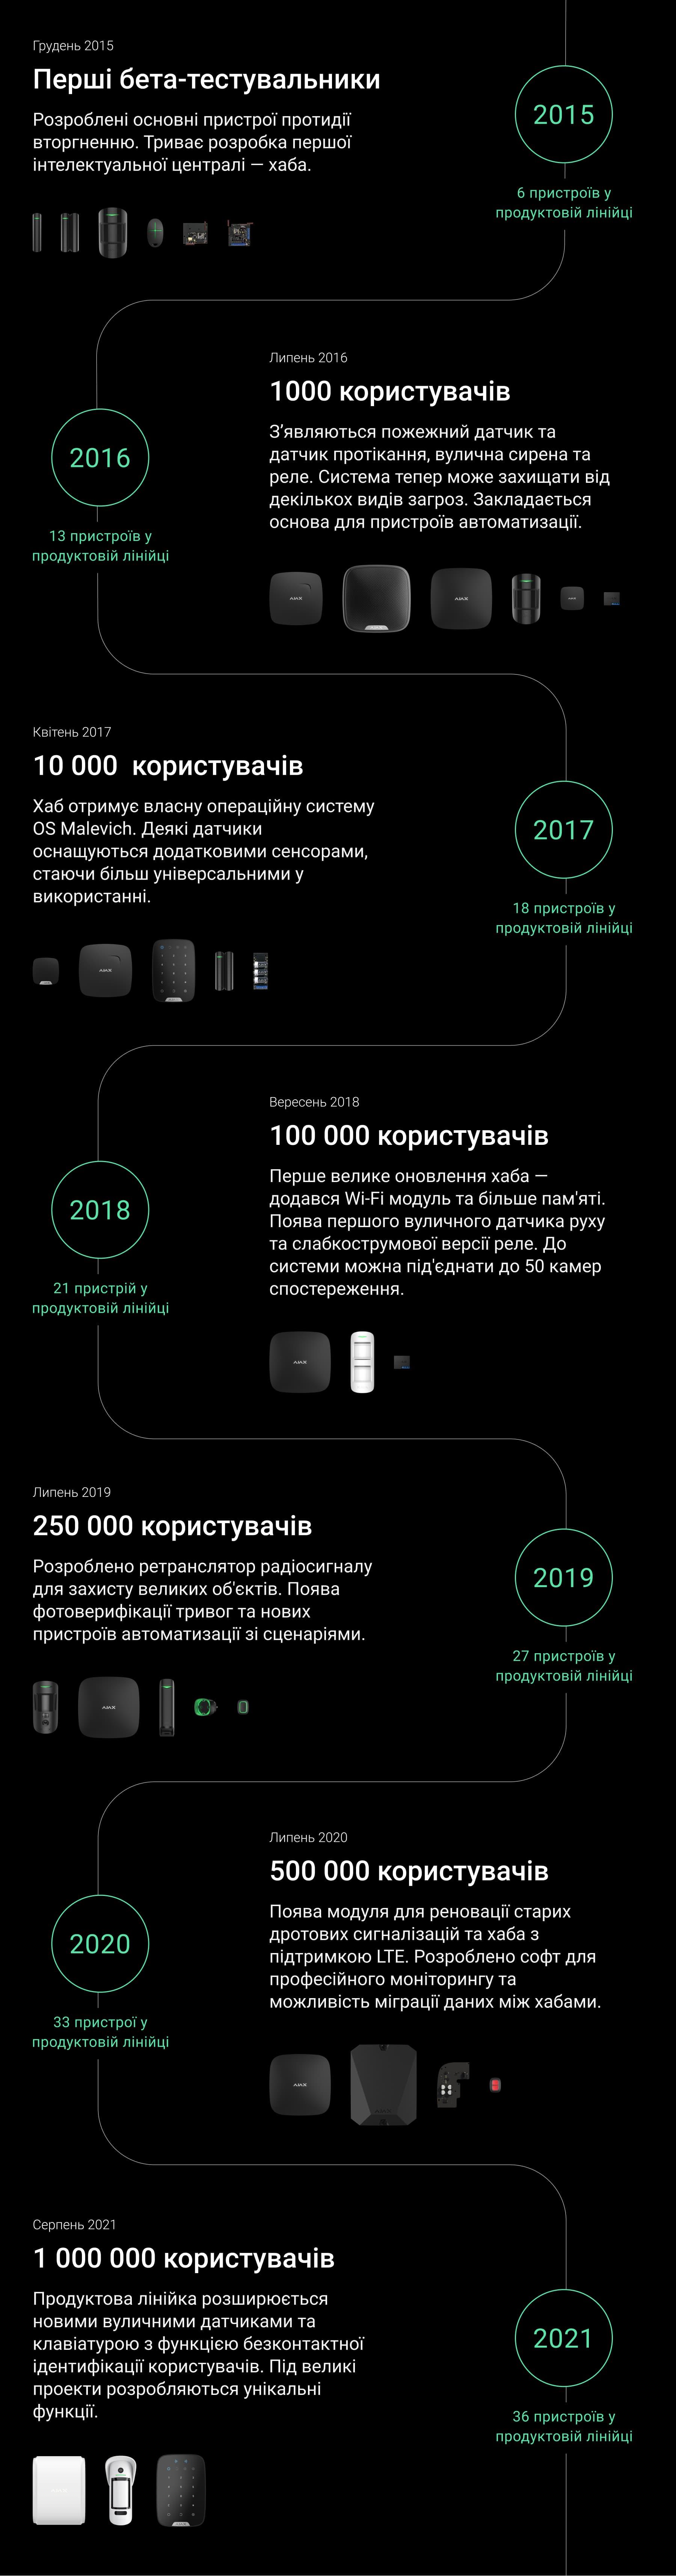 ajax мільйон користувачів